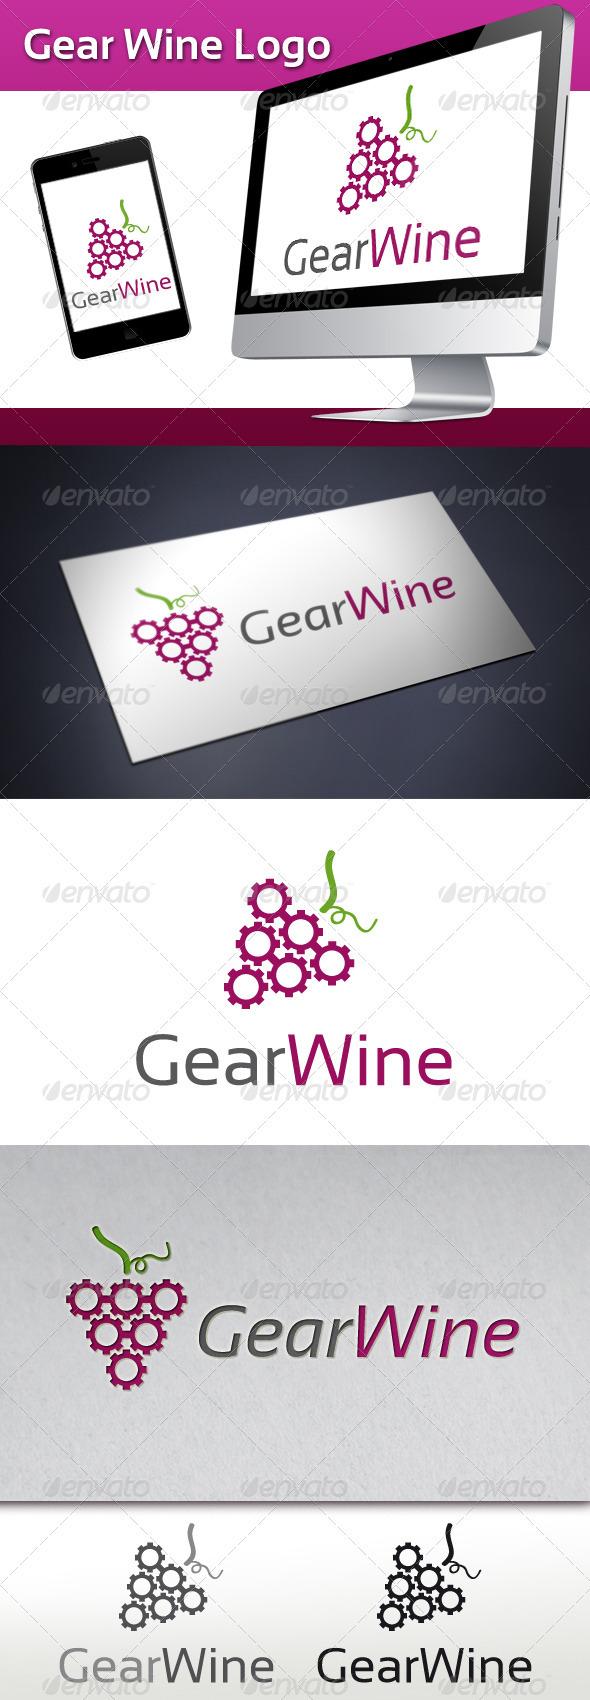 GraphicRiver Gear Wine Logo 3494851